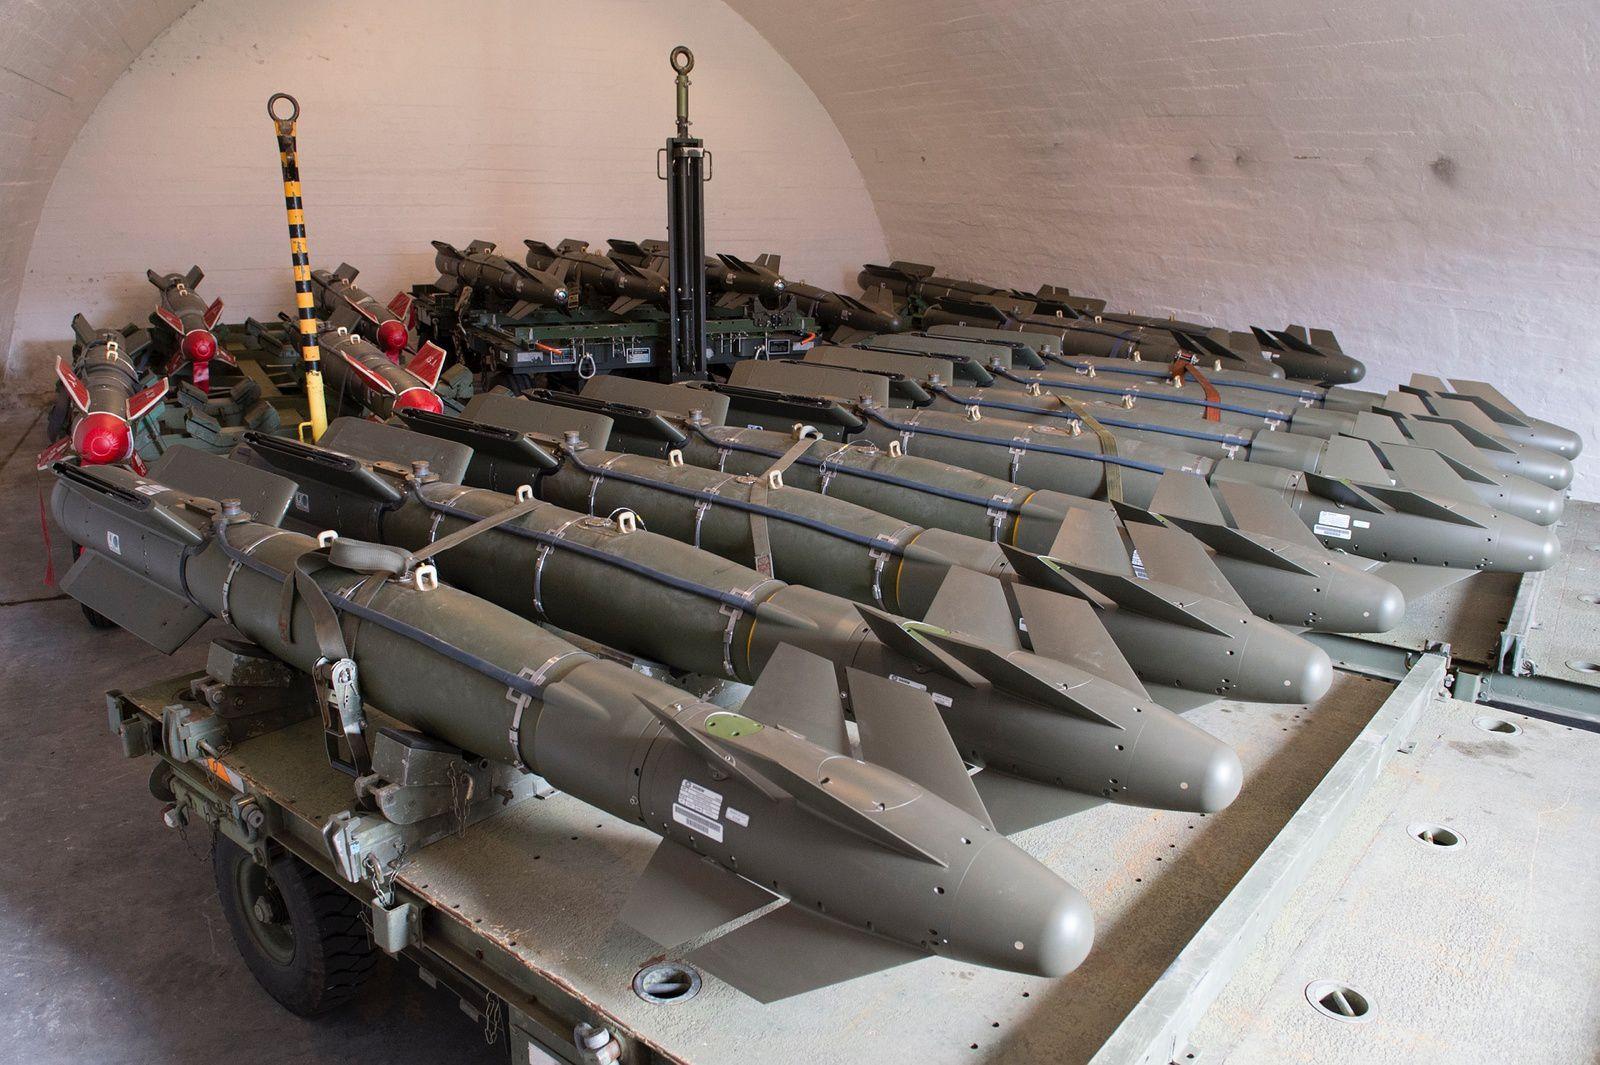 © O. Ravenel / Armée de l'air - Des AASM dans leur dépôt de munitions lors d'une campagne de tir en Norvège.